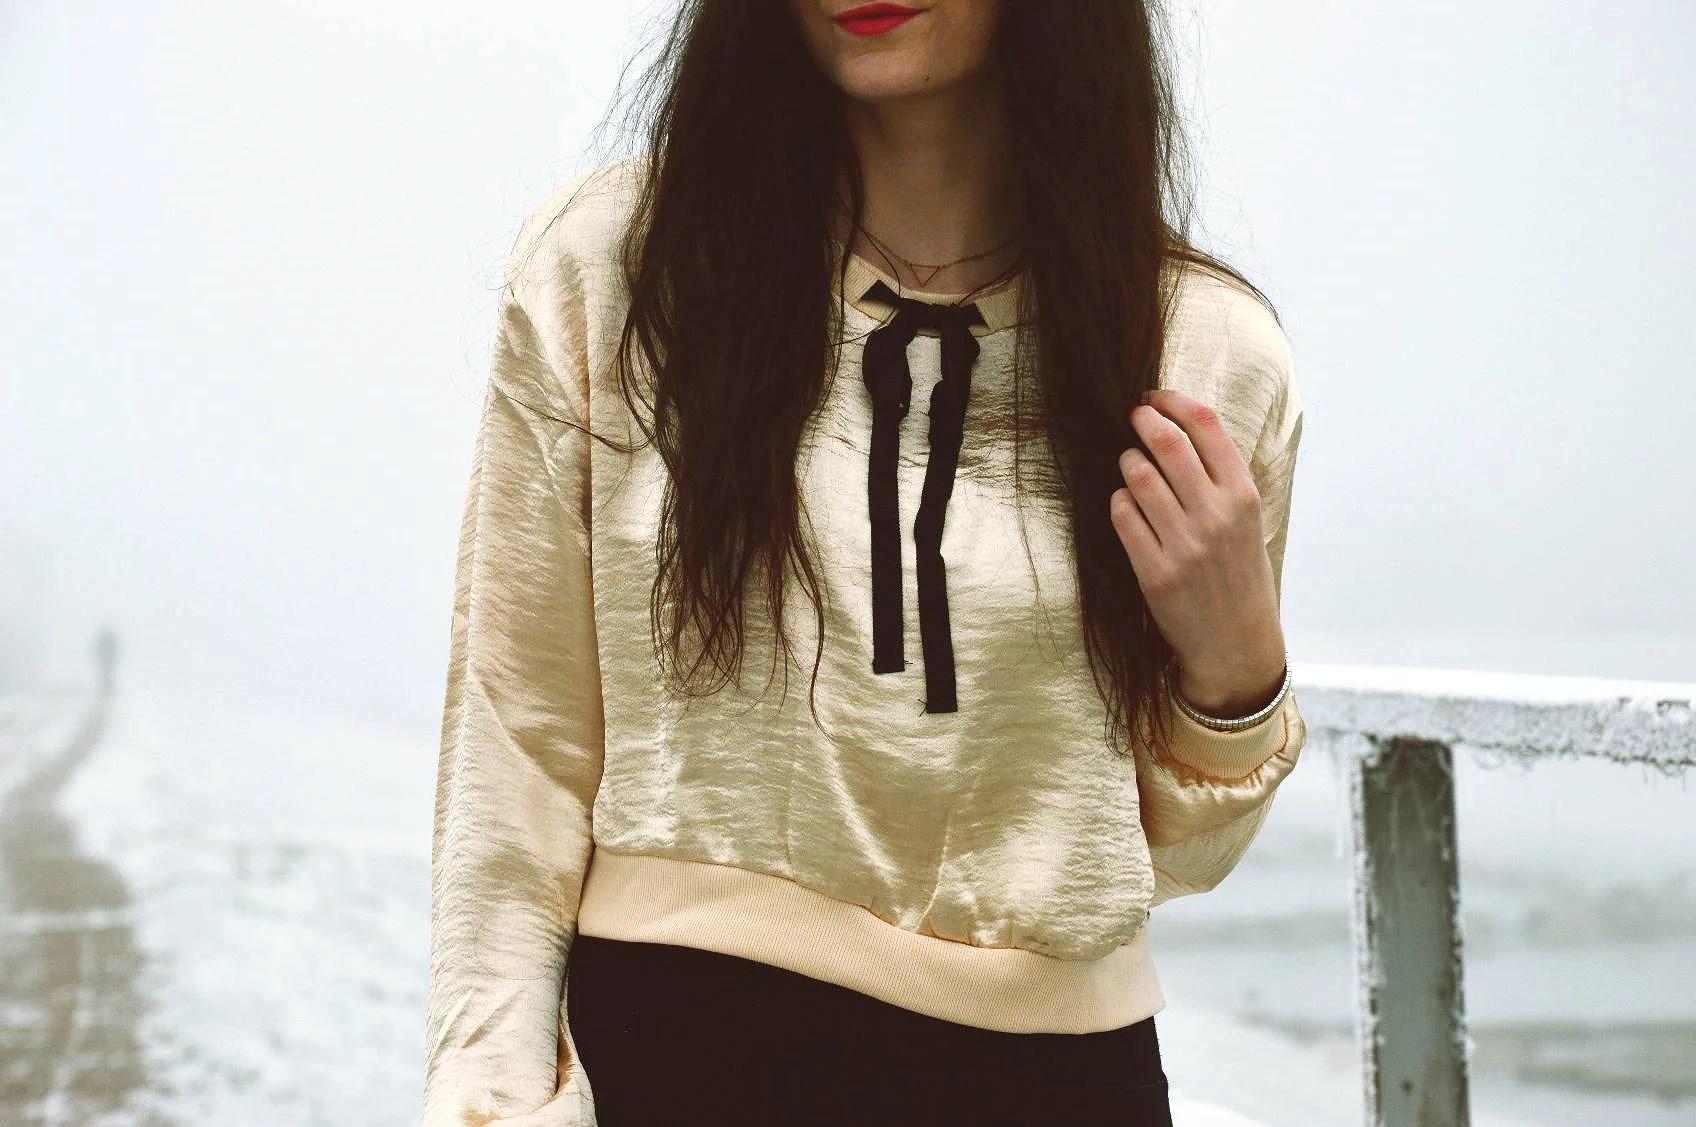 romwe, bluzka, stylizacja, outfit, magiclovv, brunetka, fashion, moda,